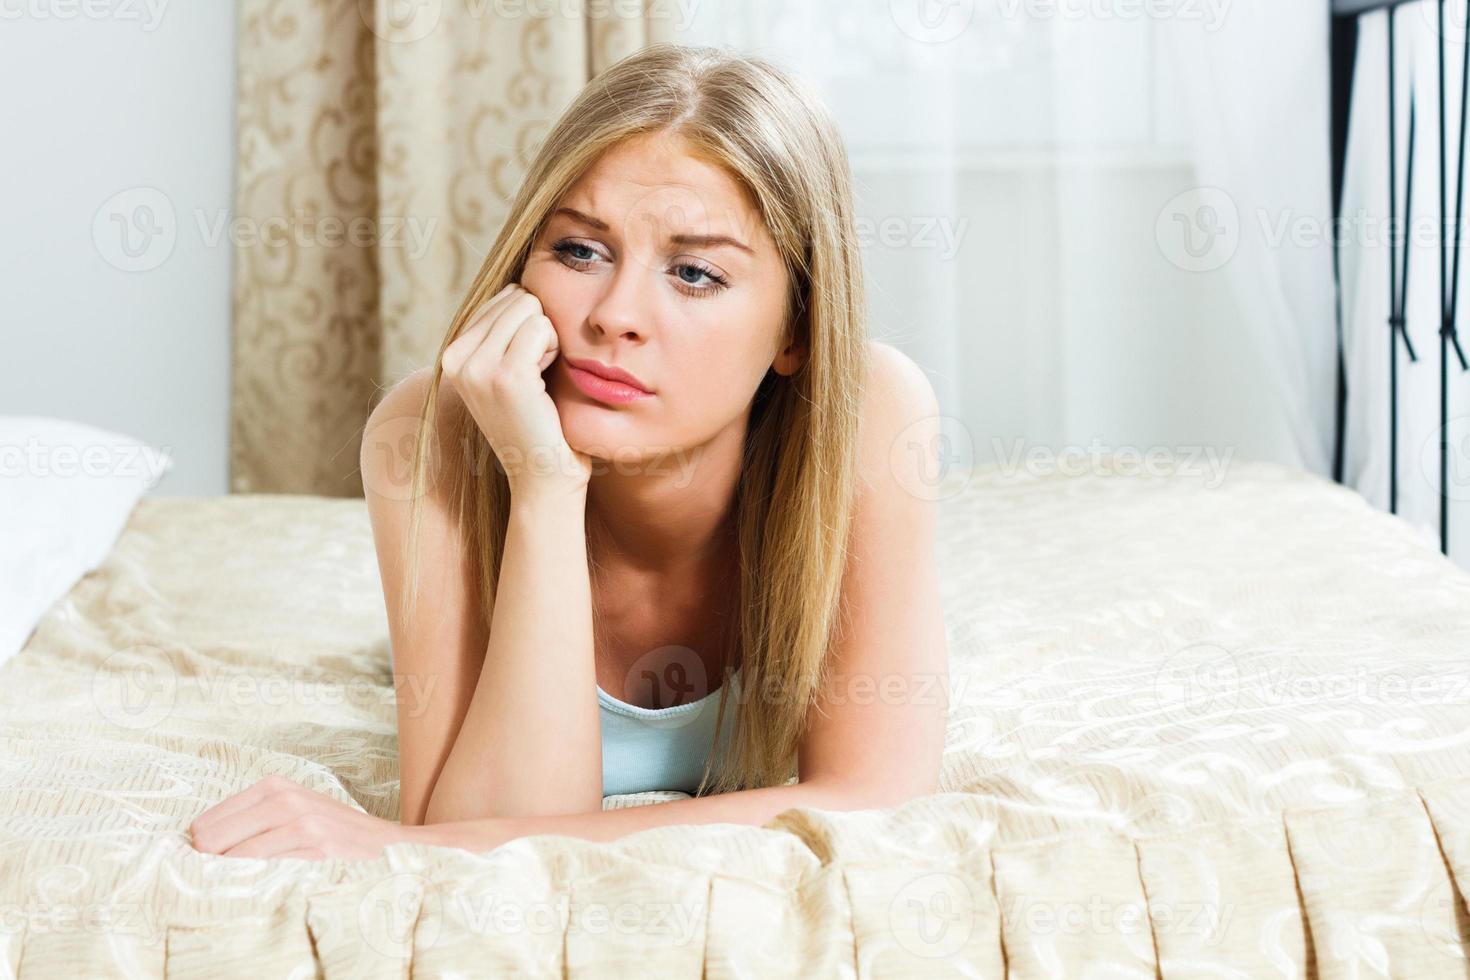 trieste vrouw foto